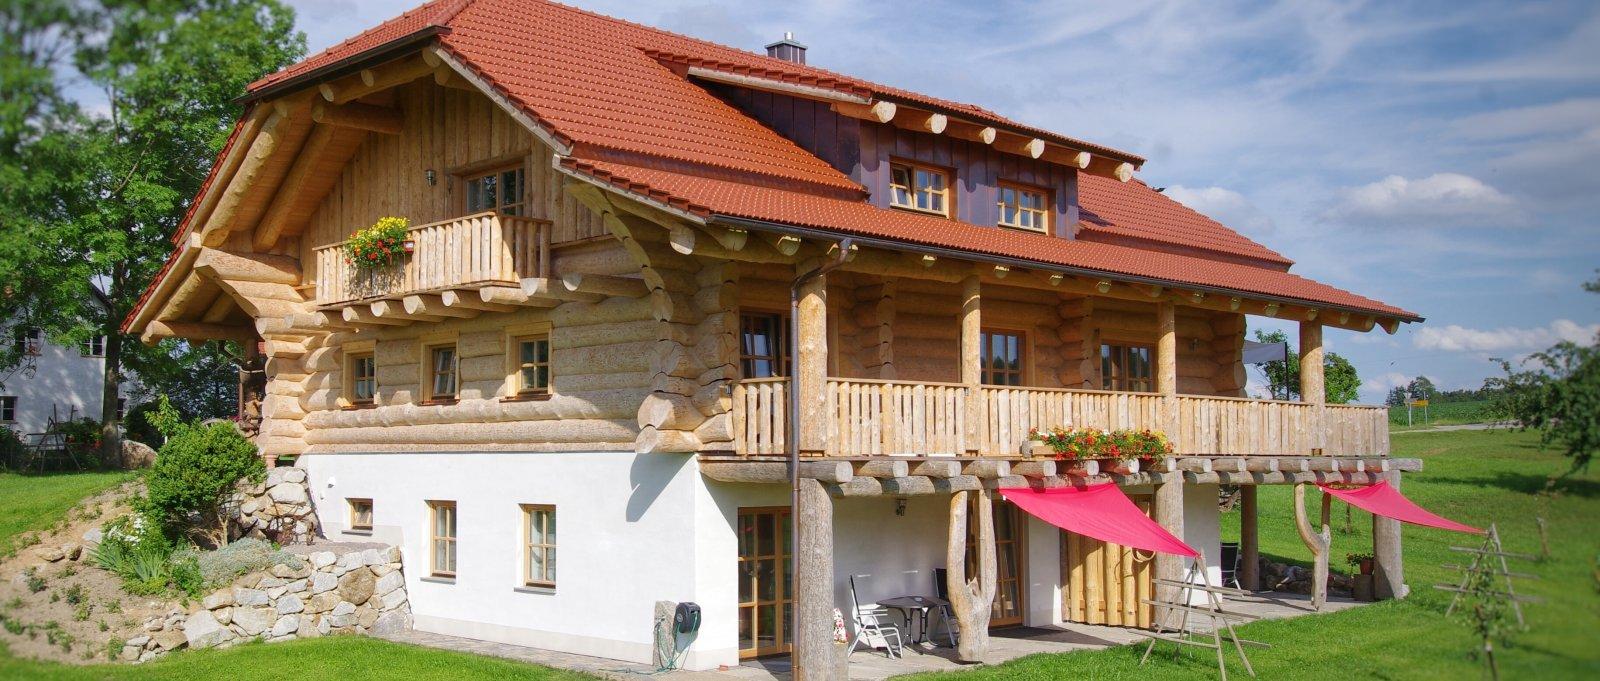 Lugerhof Ferienwohnungen und Blockhaus am Bauernhof